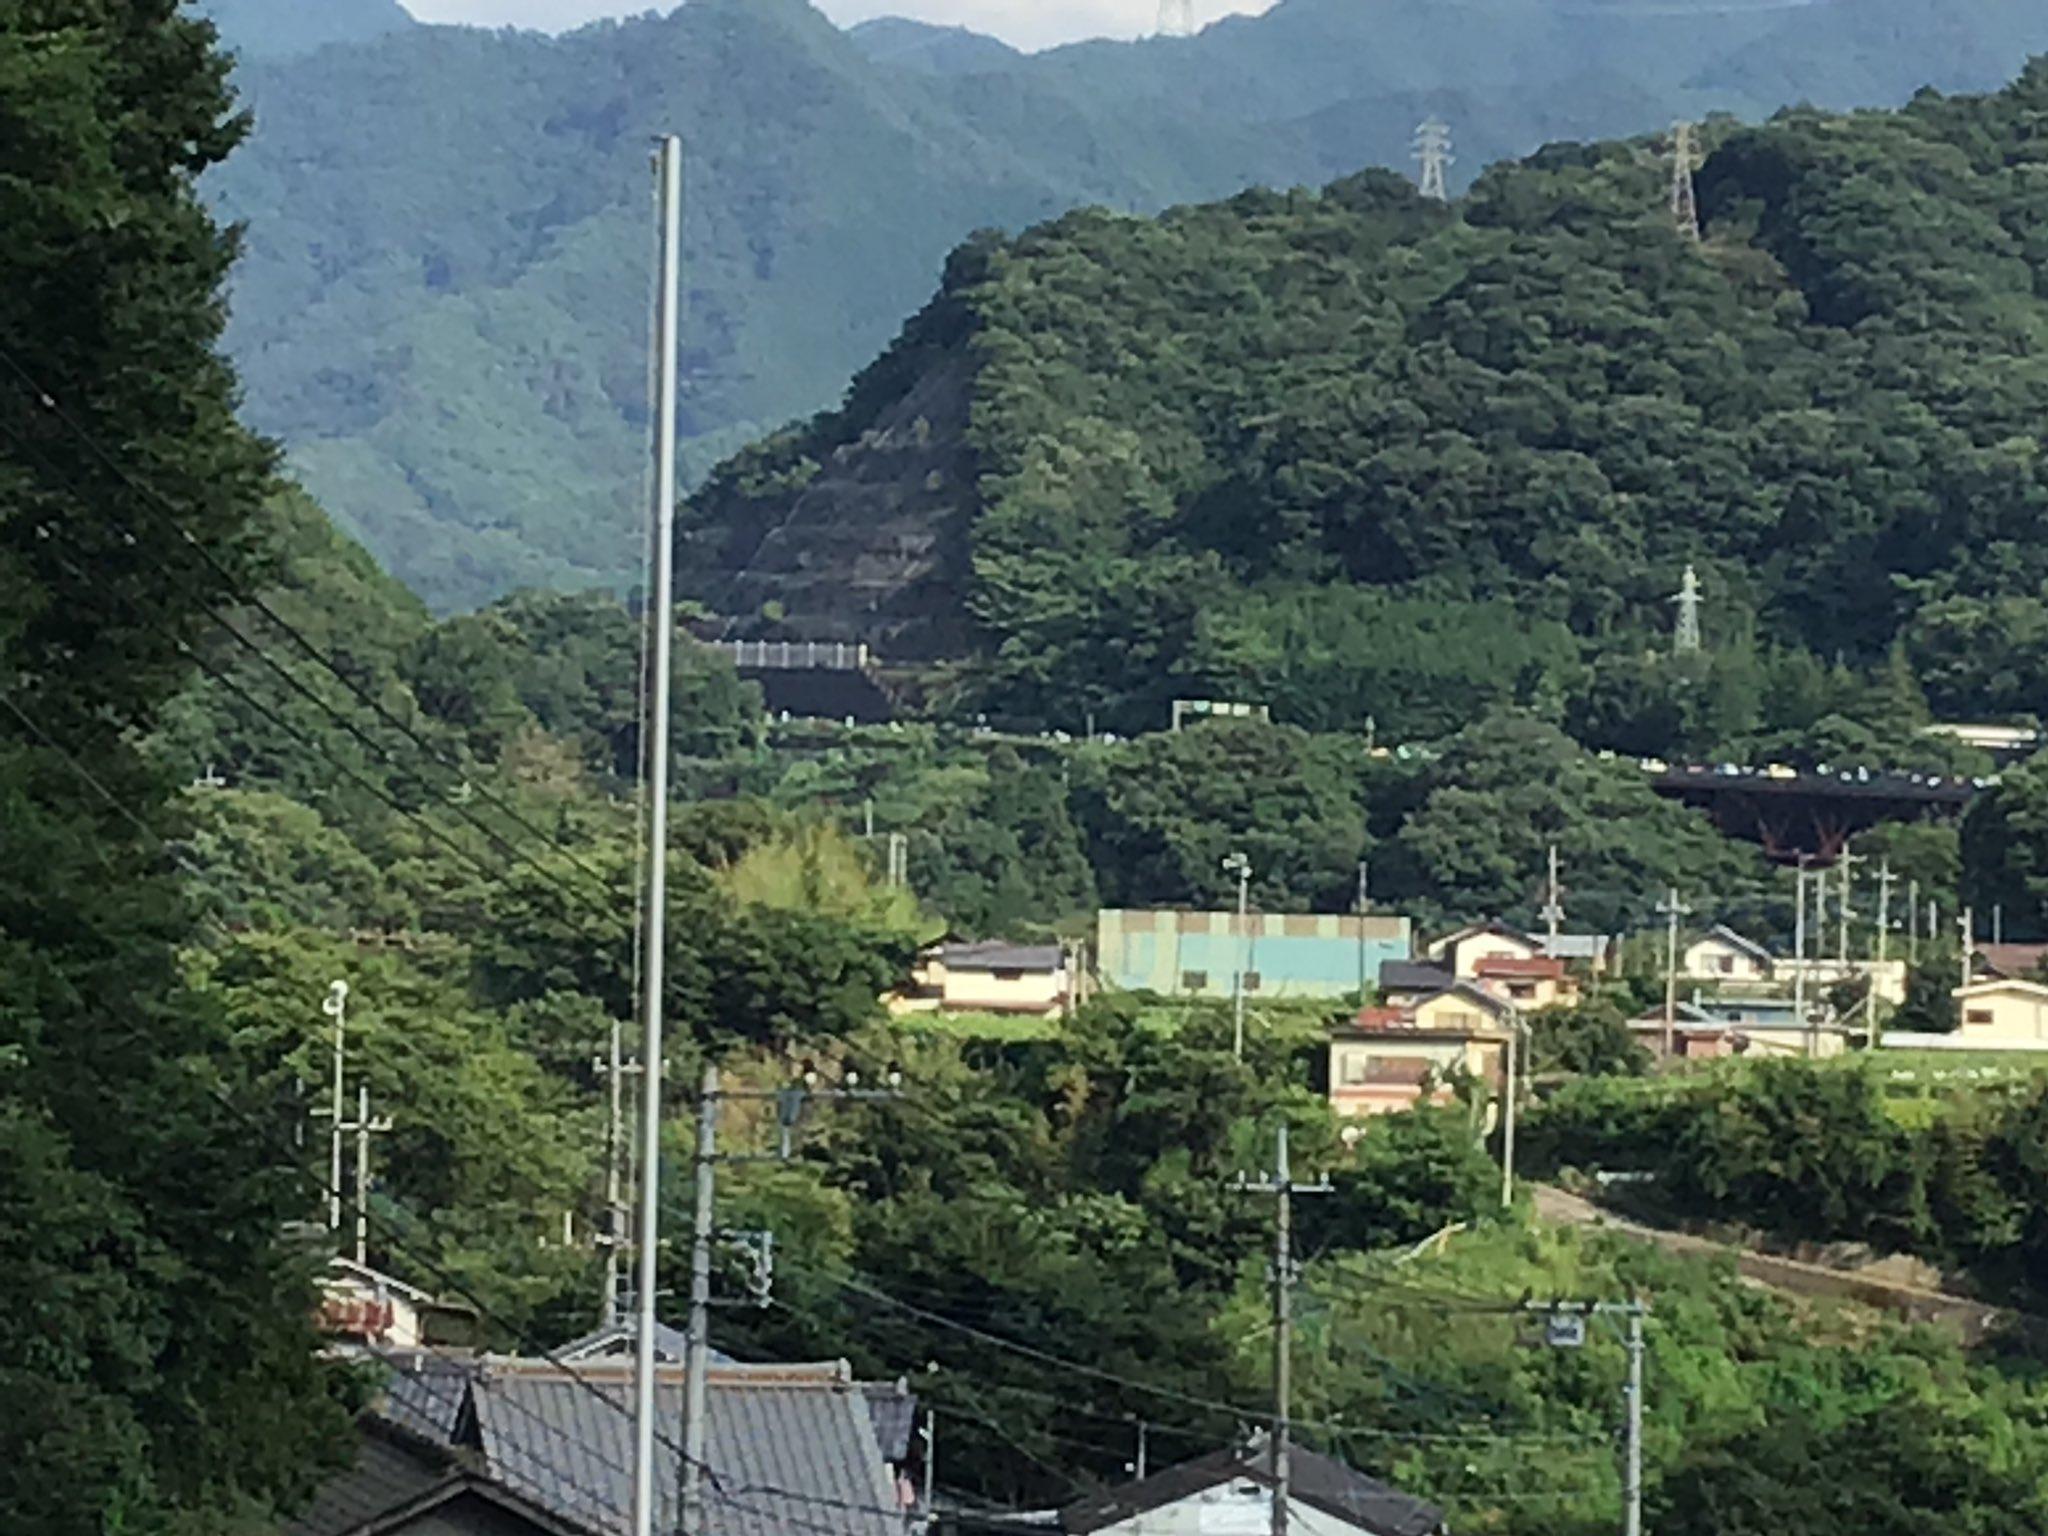 画像,中央道 上り笹子トンネル付近ご苦労様です https://t.co/UCpw45ZedV。